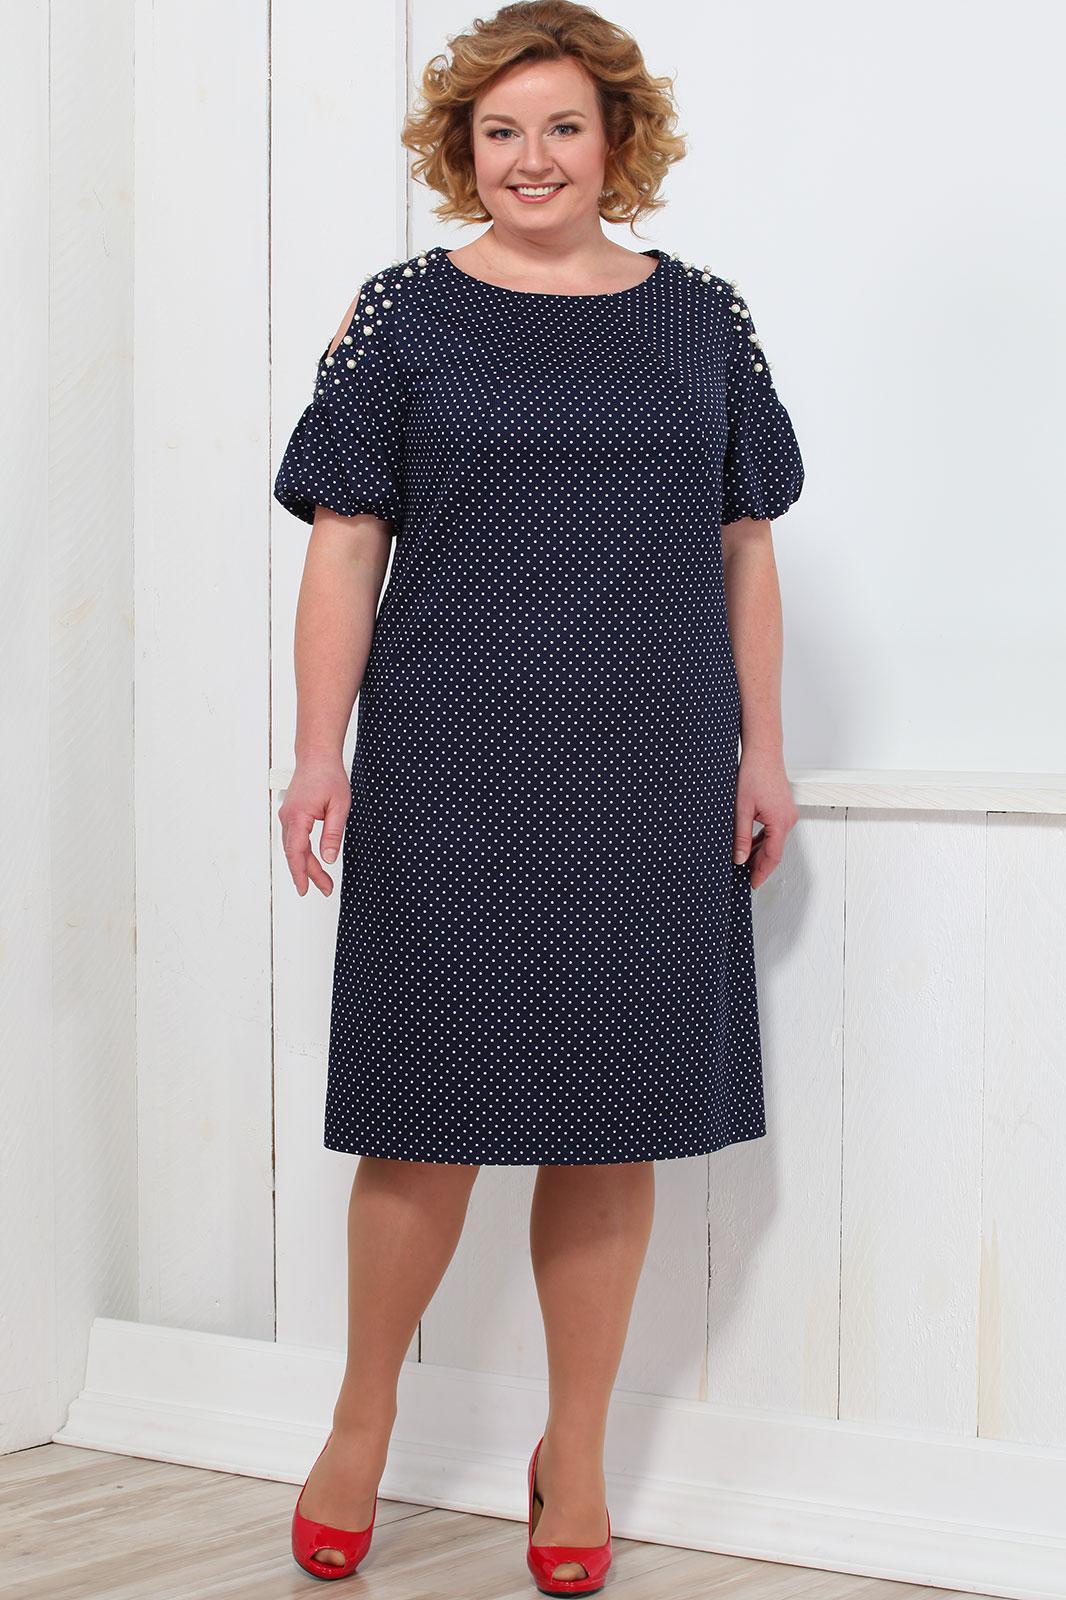 Купить Платье Bonna Image, 336 тёмно-синий в горох, Беларусь